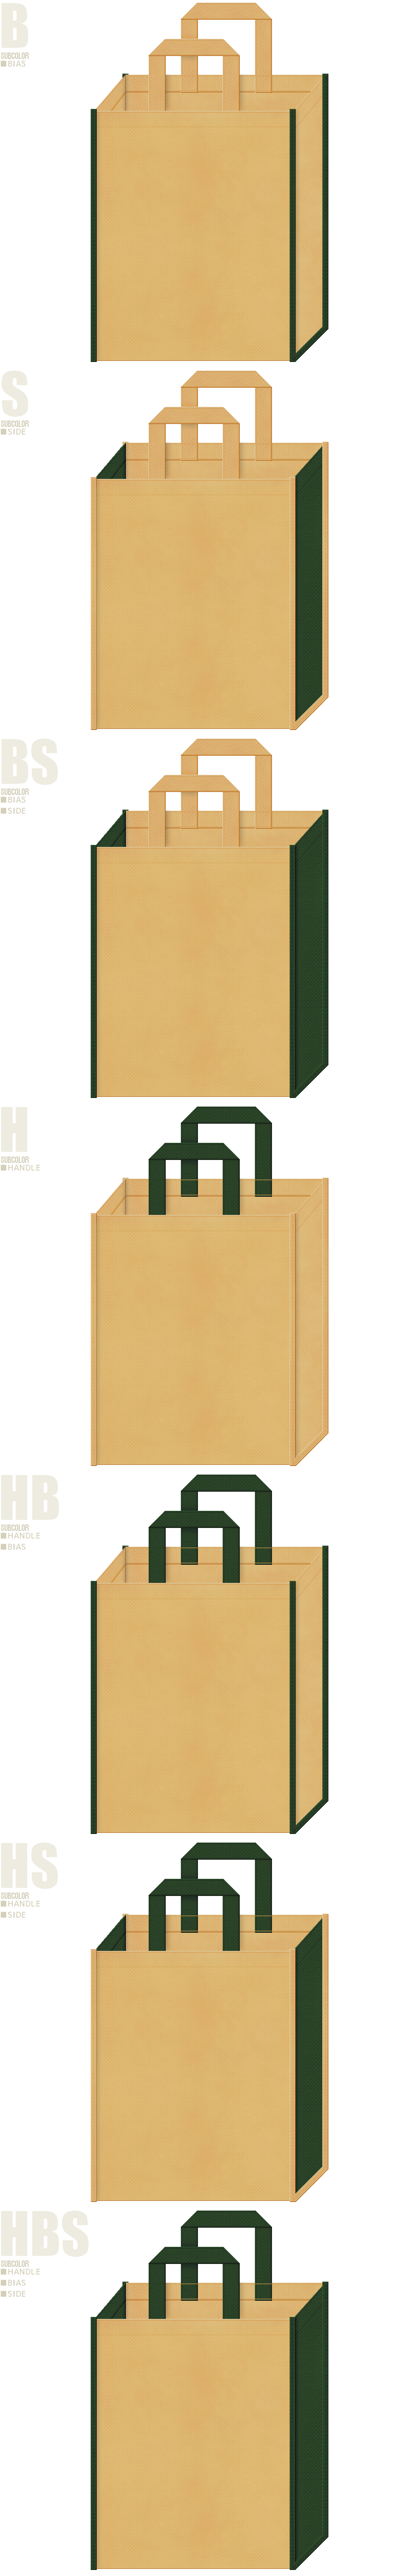 動物園・テーマパーク・探検・ジャングル・恐竜・サバンナ・サファリ・ラリー・アニマル・アウトドア・テント・タープ・チェア・キャンプ・DIYのイベントにお奨めの不織布バッグデザイン:薄黄土色と濃緑色の配色7パターン